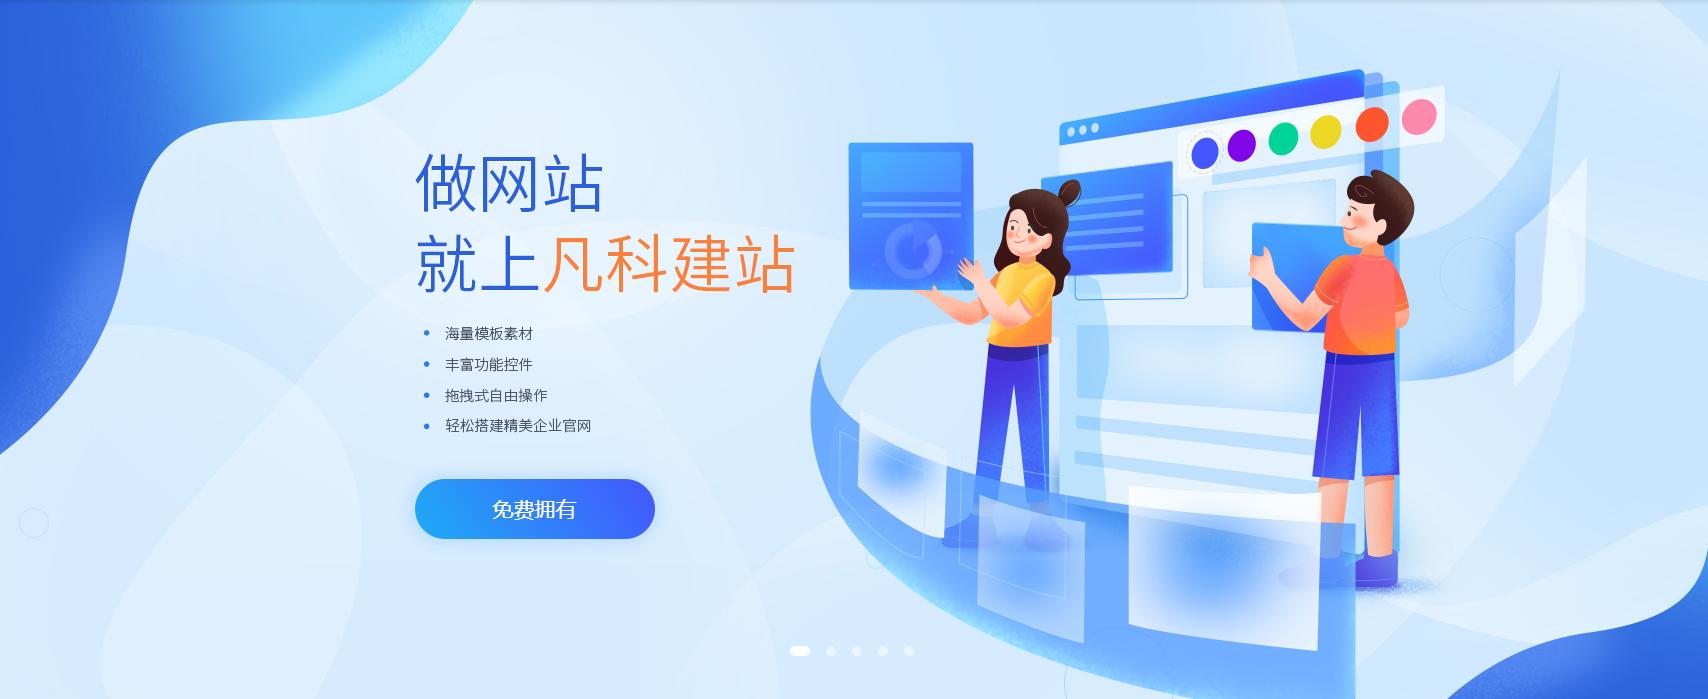 网站模板的页面设计